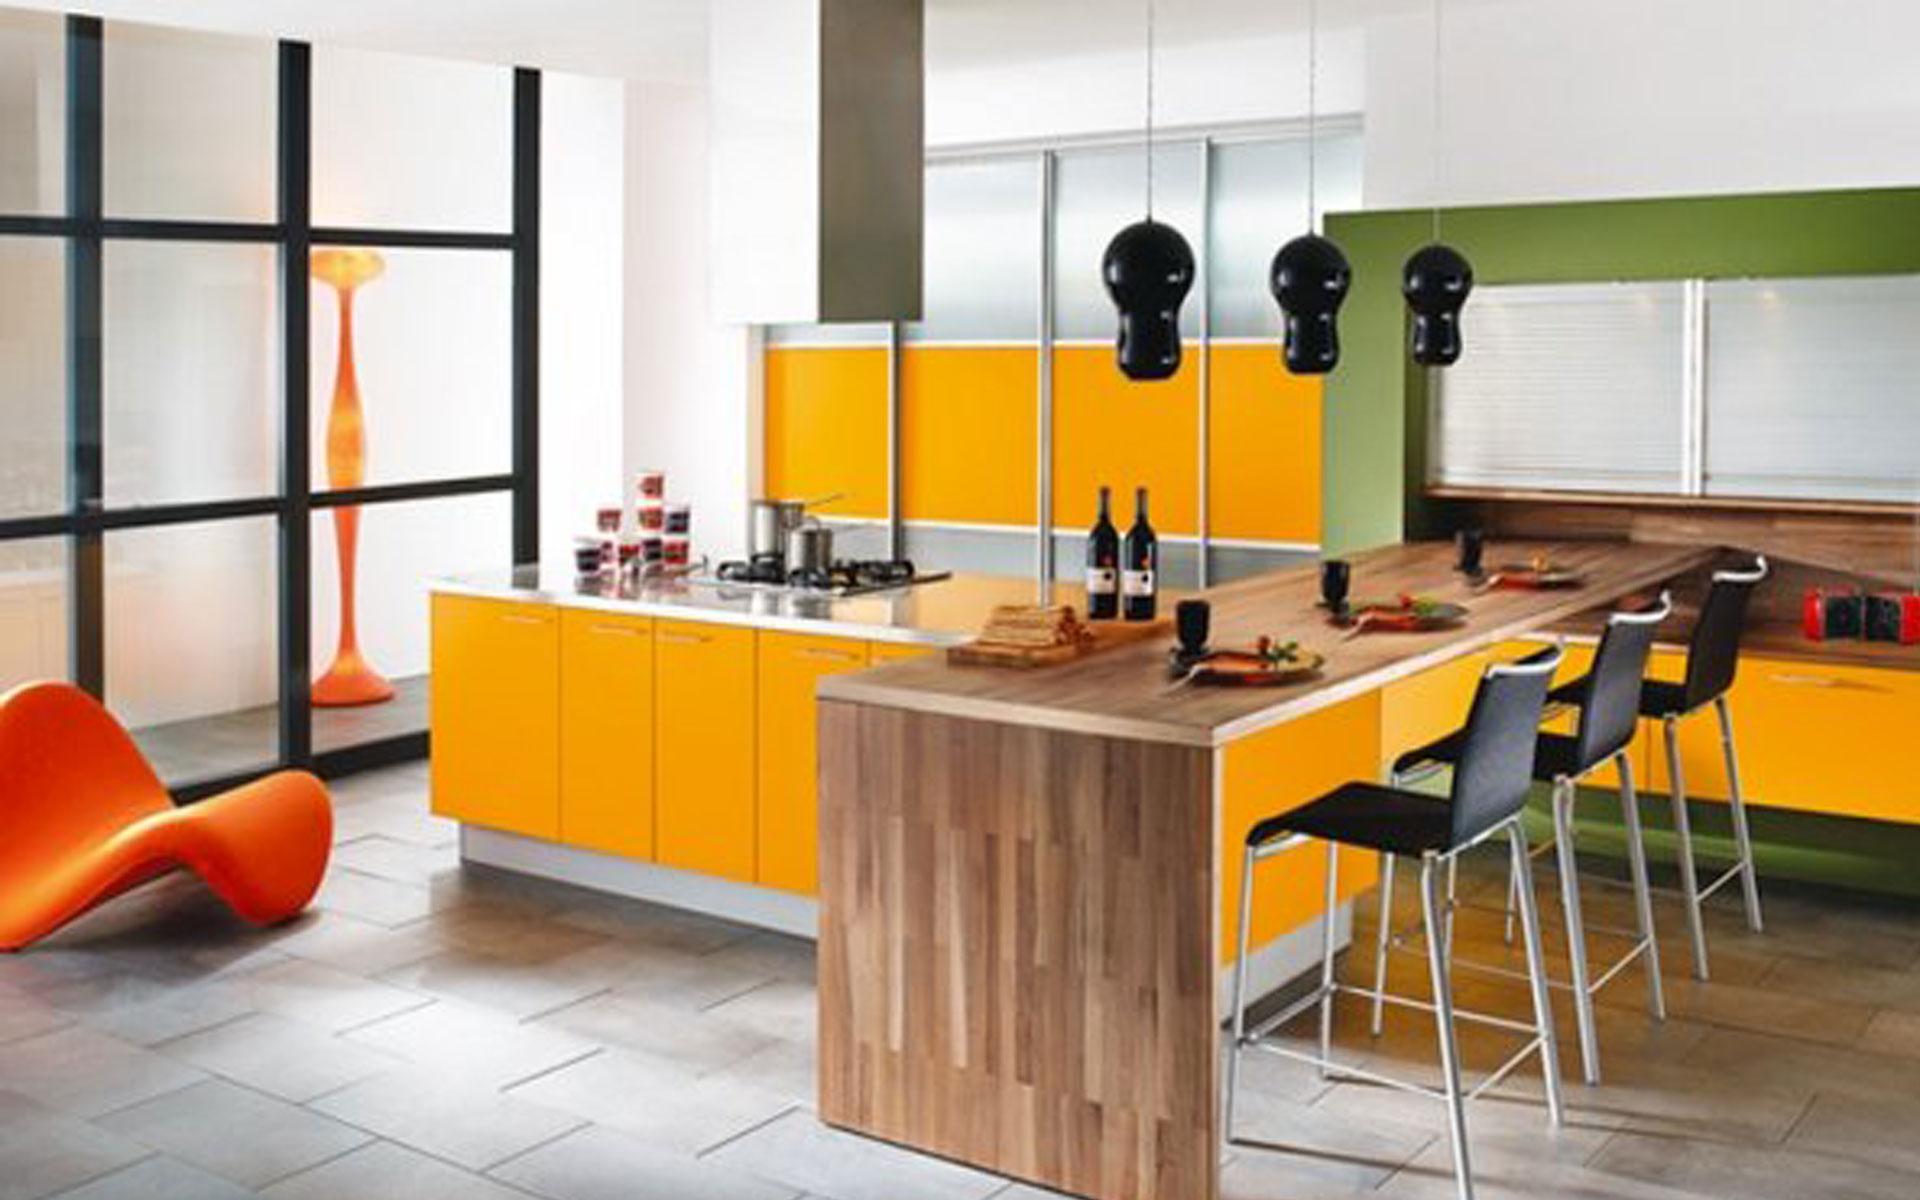 Cozinha criativa pra inspirar grandes pratos #C62D05 1920 1200